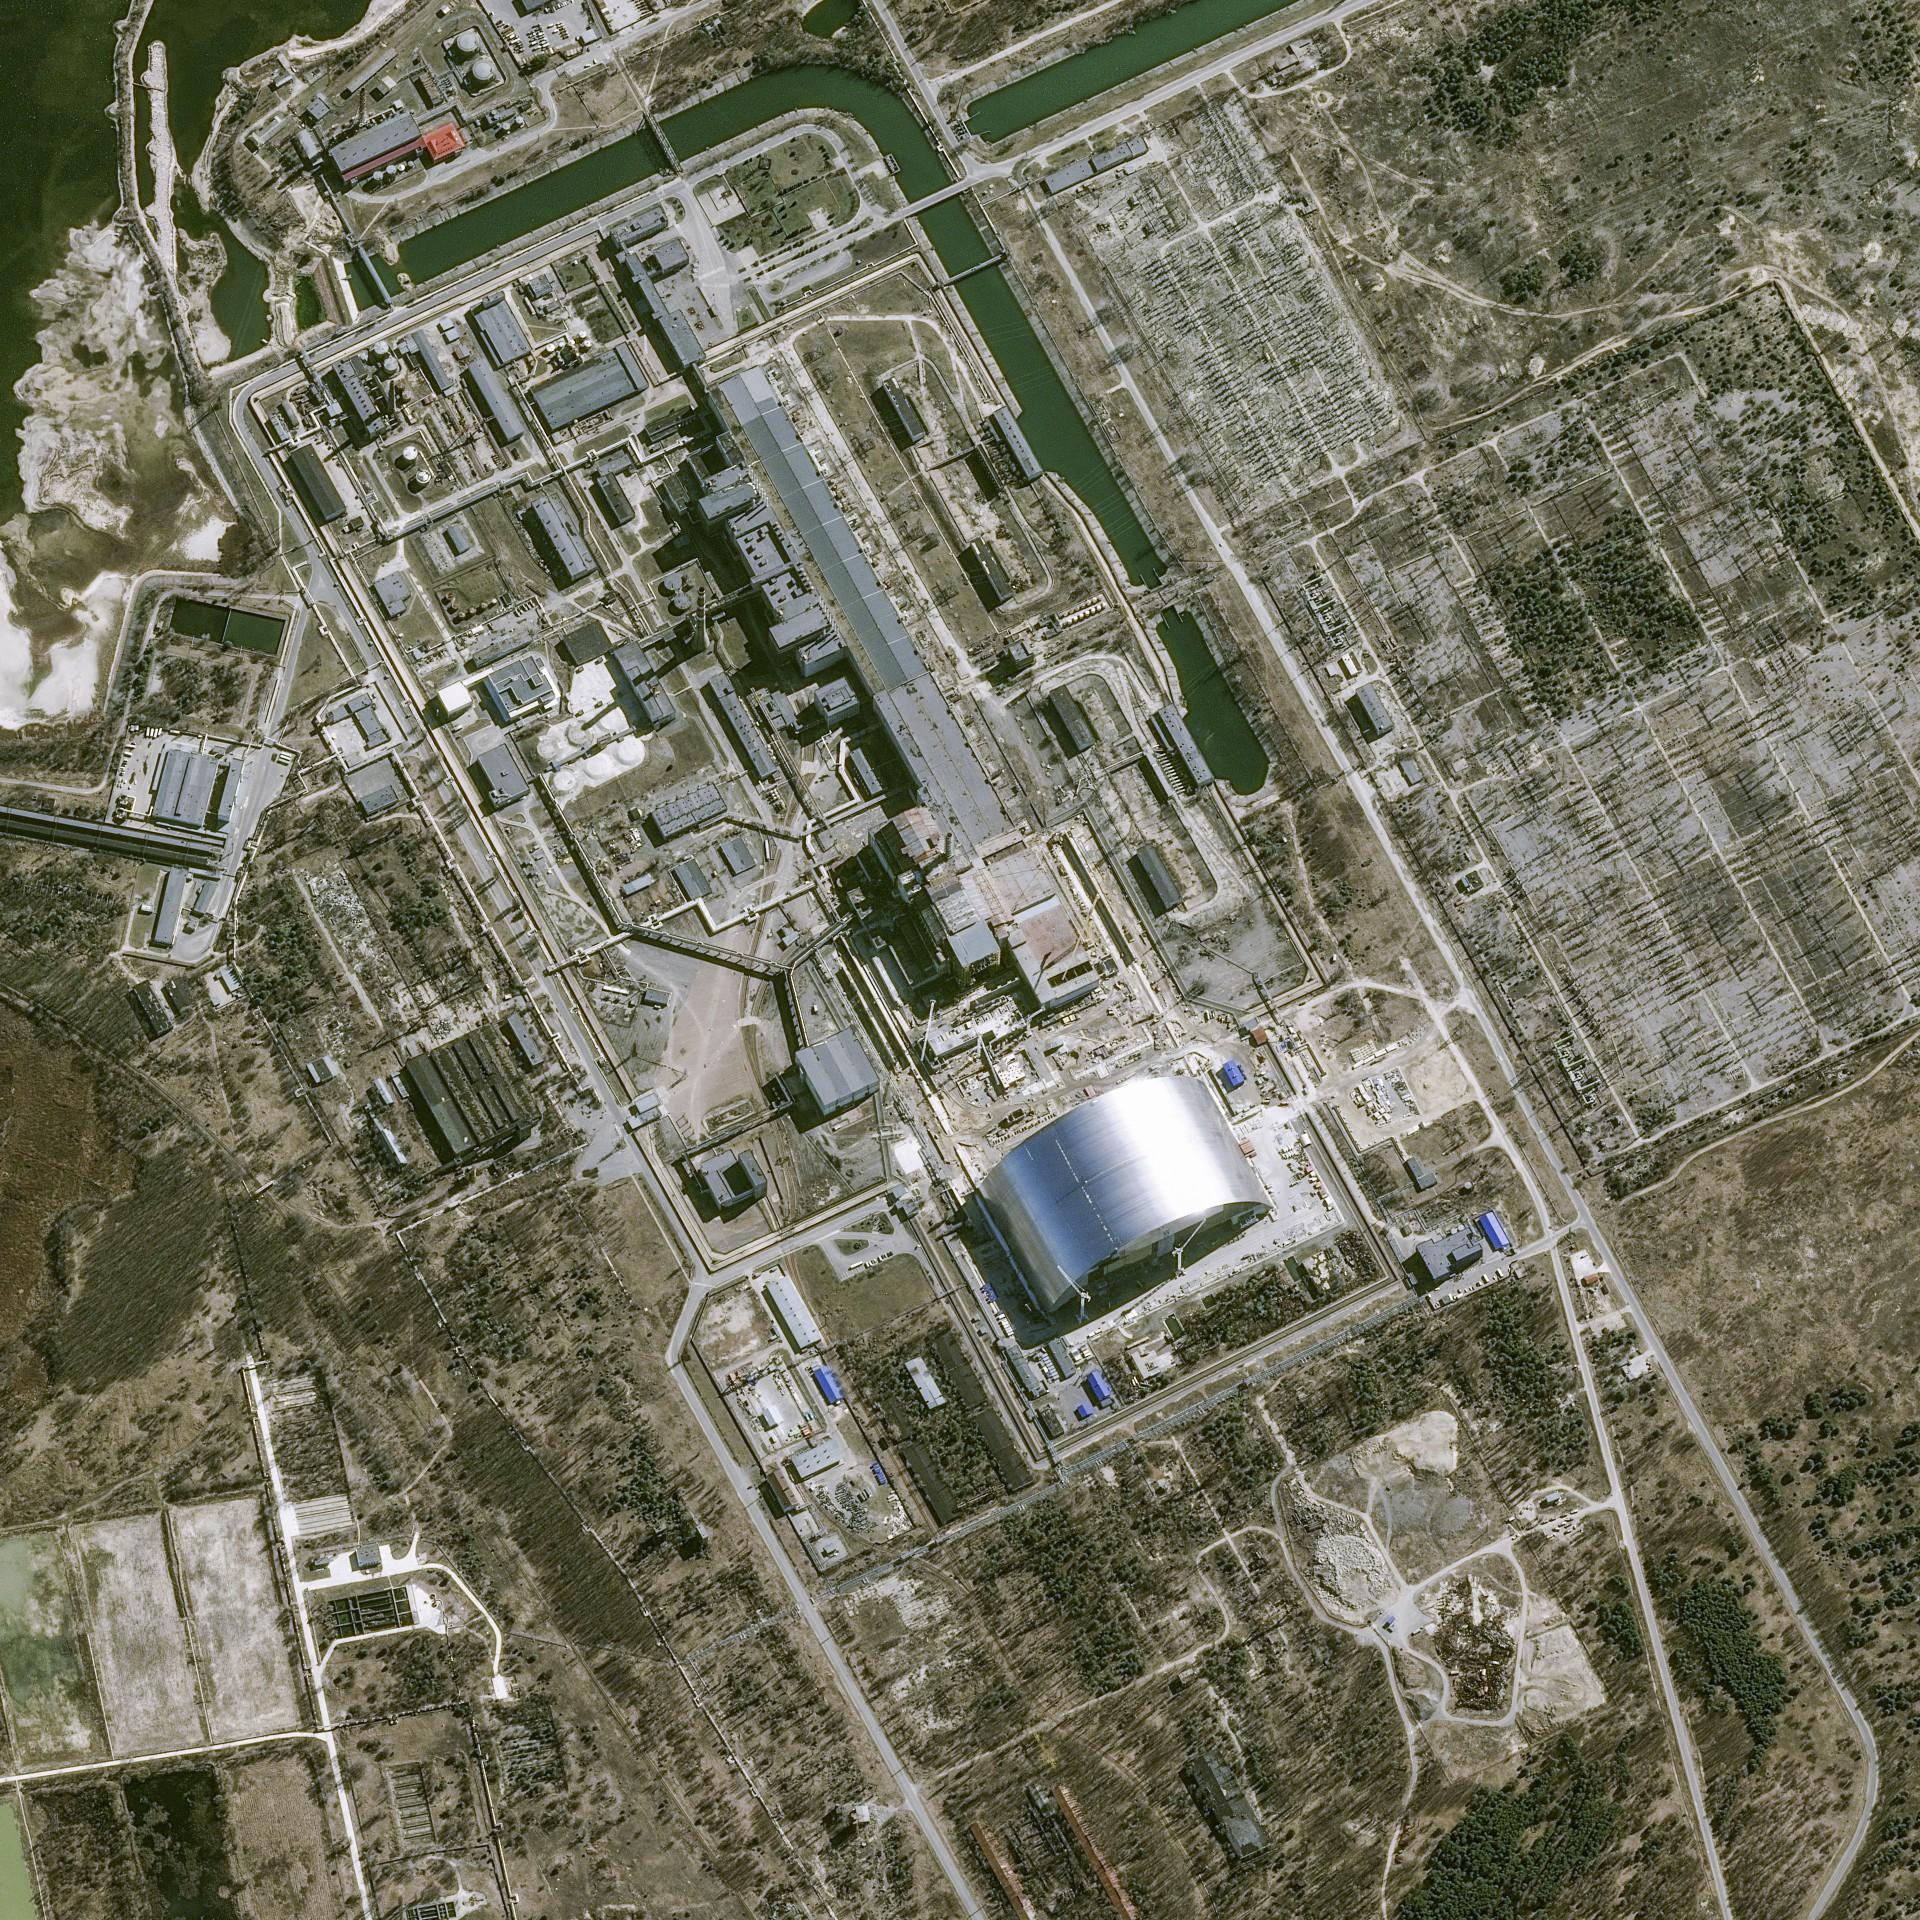 Tchernobyl - Chernobyl - 30 ans - 26 avril 1986 - Catastrophe nucléaire - Explosion réacteur n°4 - Pléiades - Arche de confinement - Chantier - Ukraine